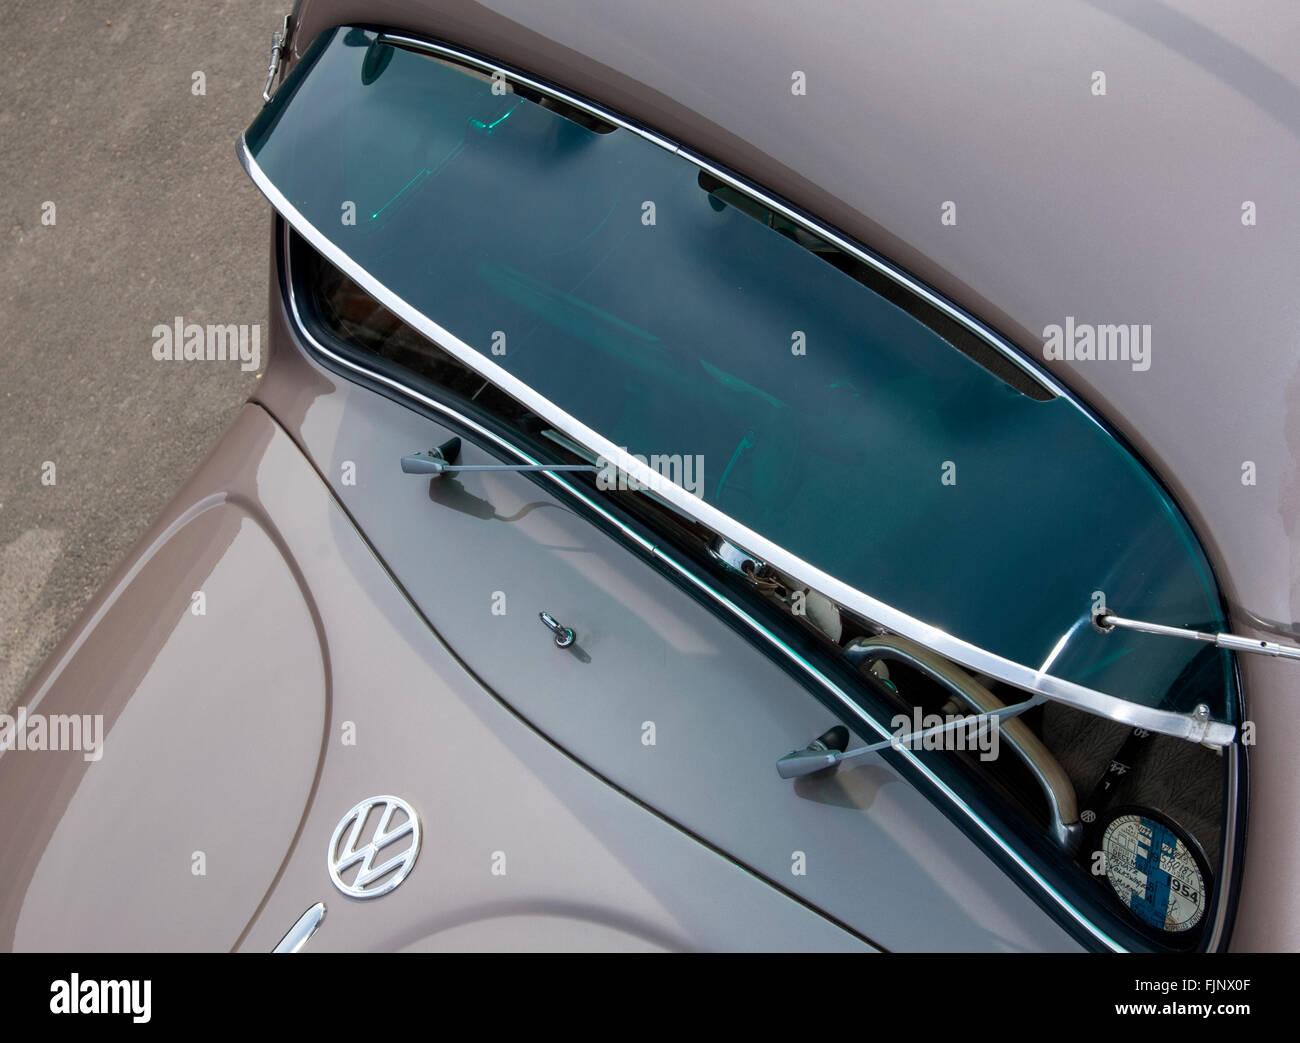 Sun Visor Car Stock Photos   Sun Visor Car Stock Images - Alamy 1faf7c29809